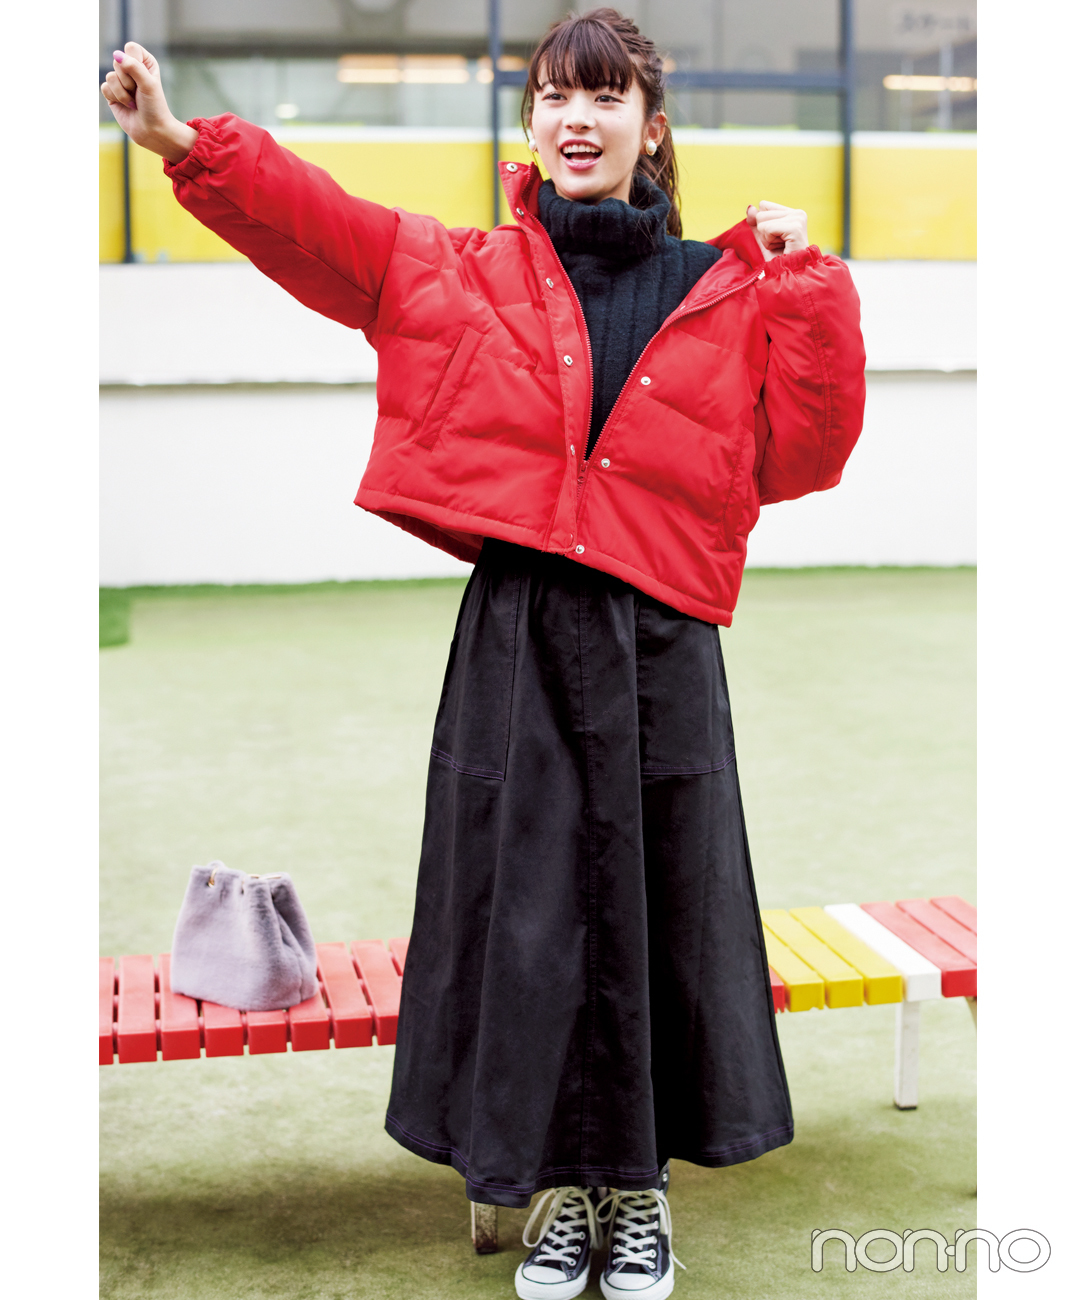 【タートルニットコーデ】ロングスカートなら可愛さと防寒も叶う。ショート丈のアウターでバランスUP